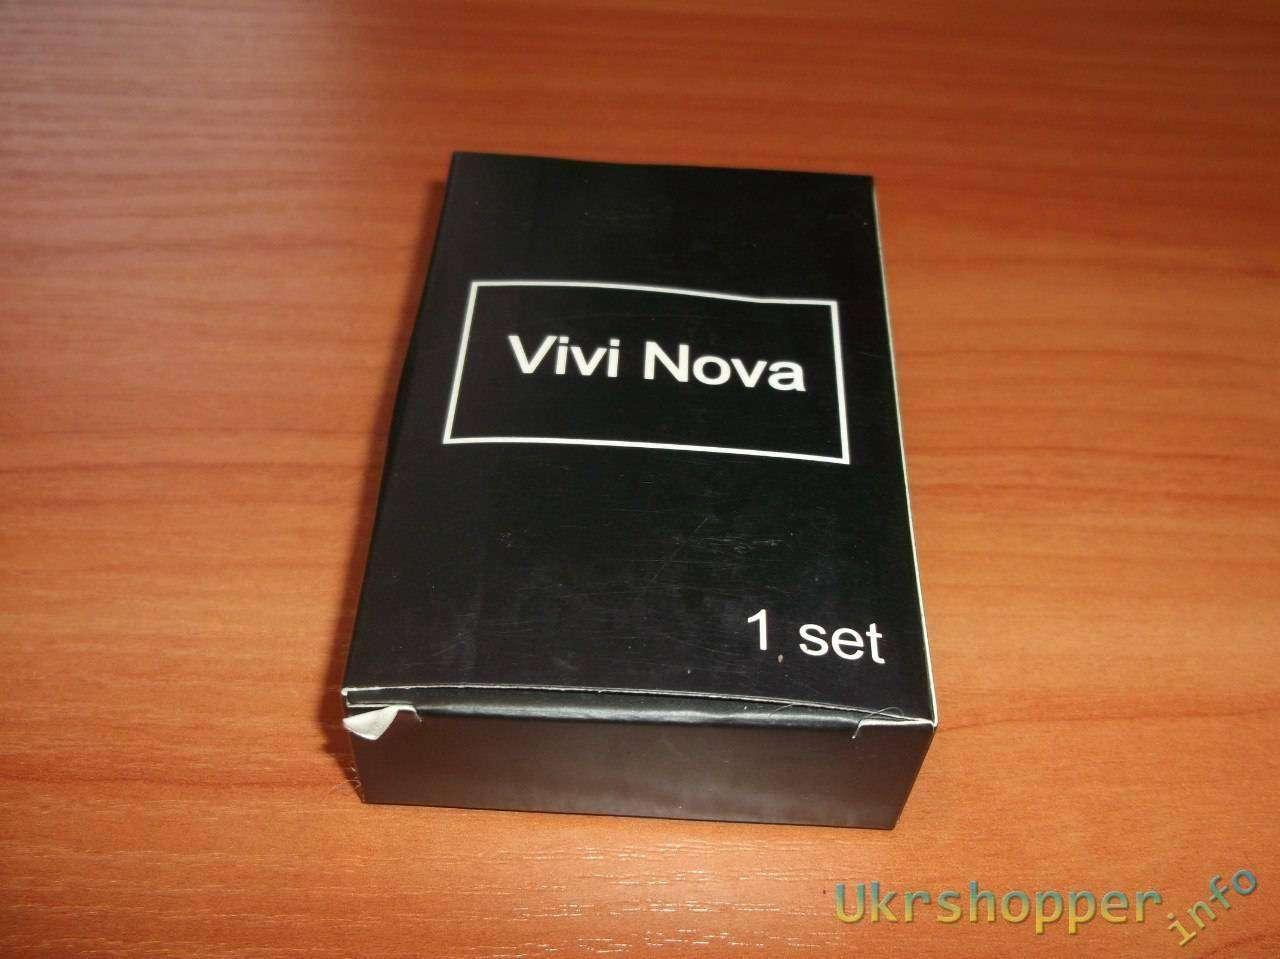 TinyDeal: Клиромайзер Vivi Nova - добротная копия. Скажи нет сигаретам! Переходи на электронные.